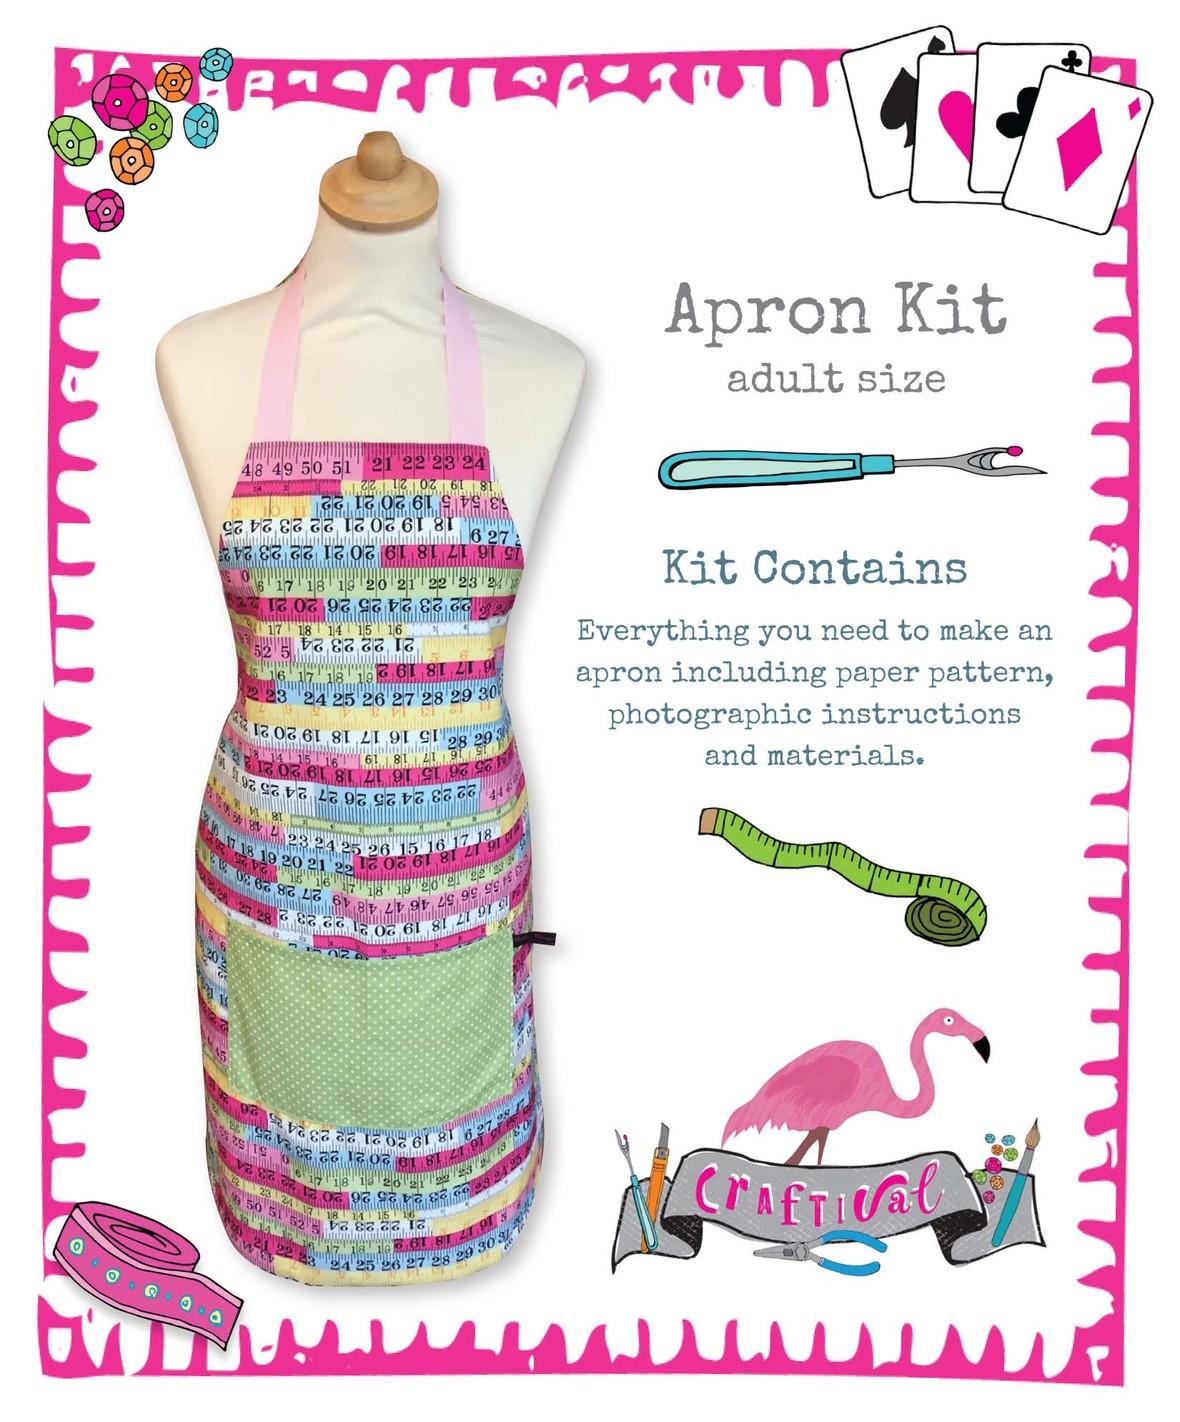 Apron Kit